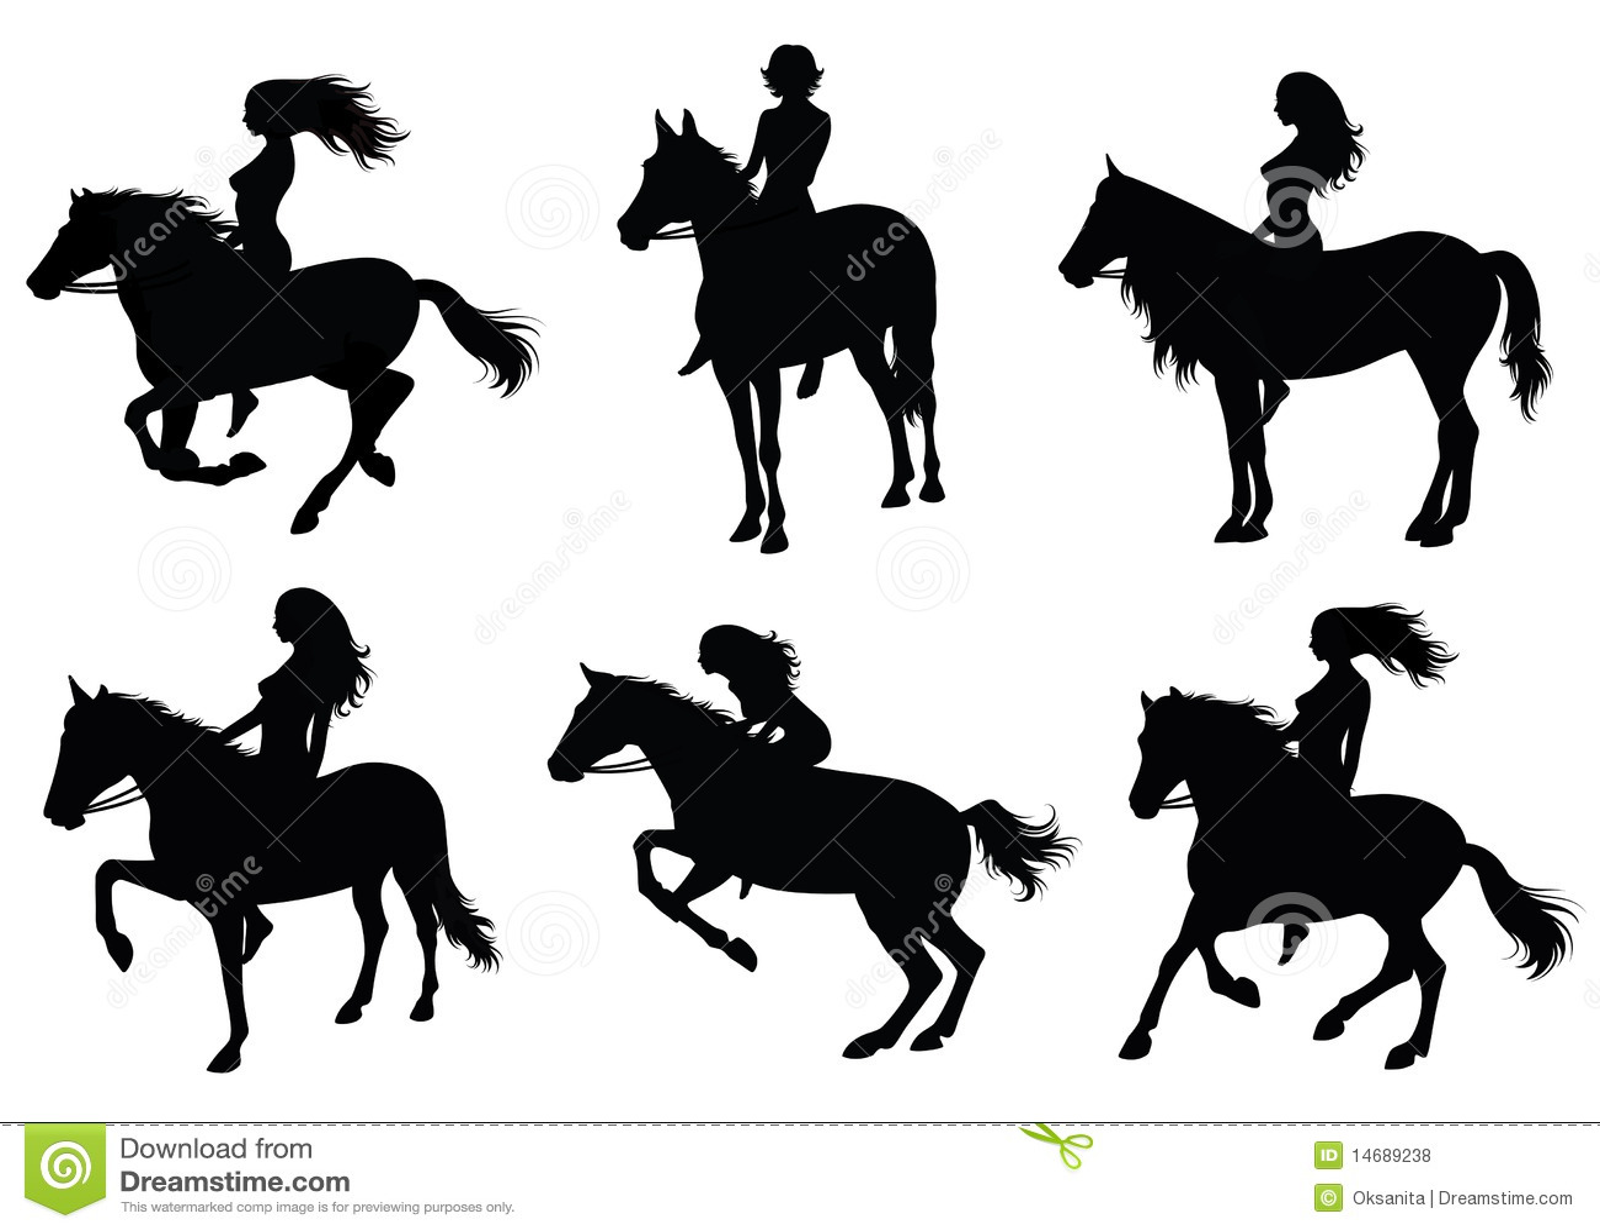 clip art girl riding horse - photo #44